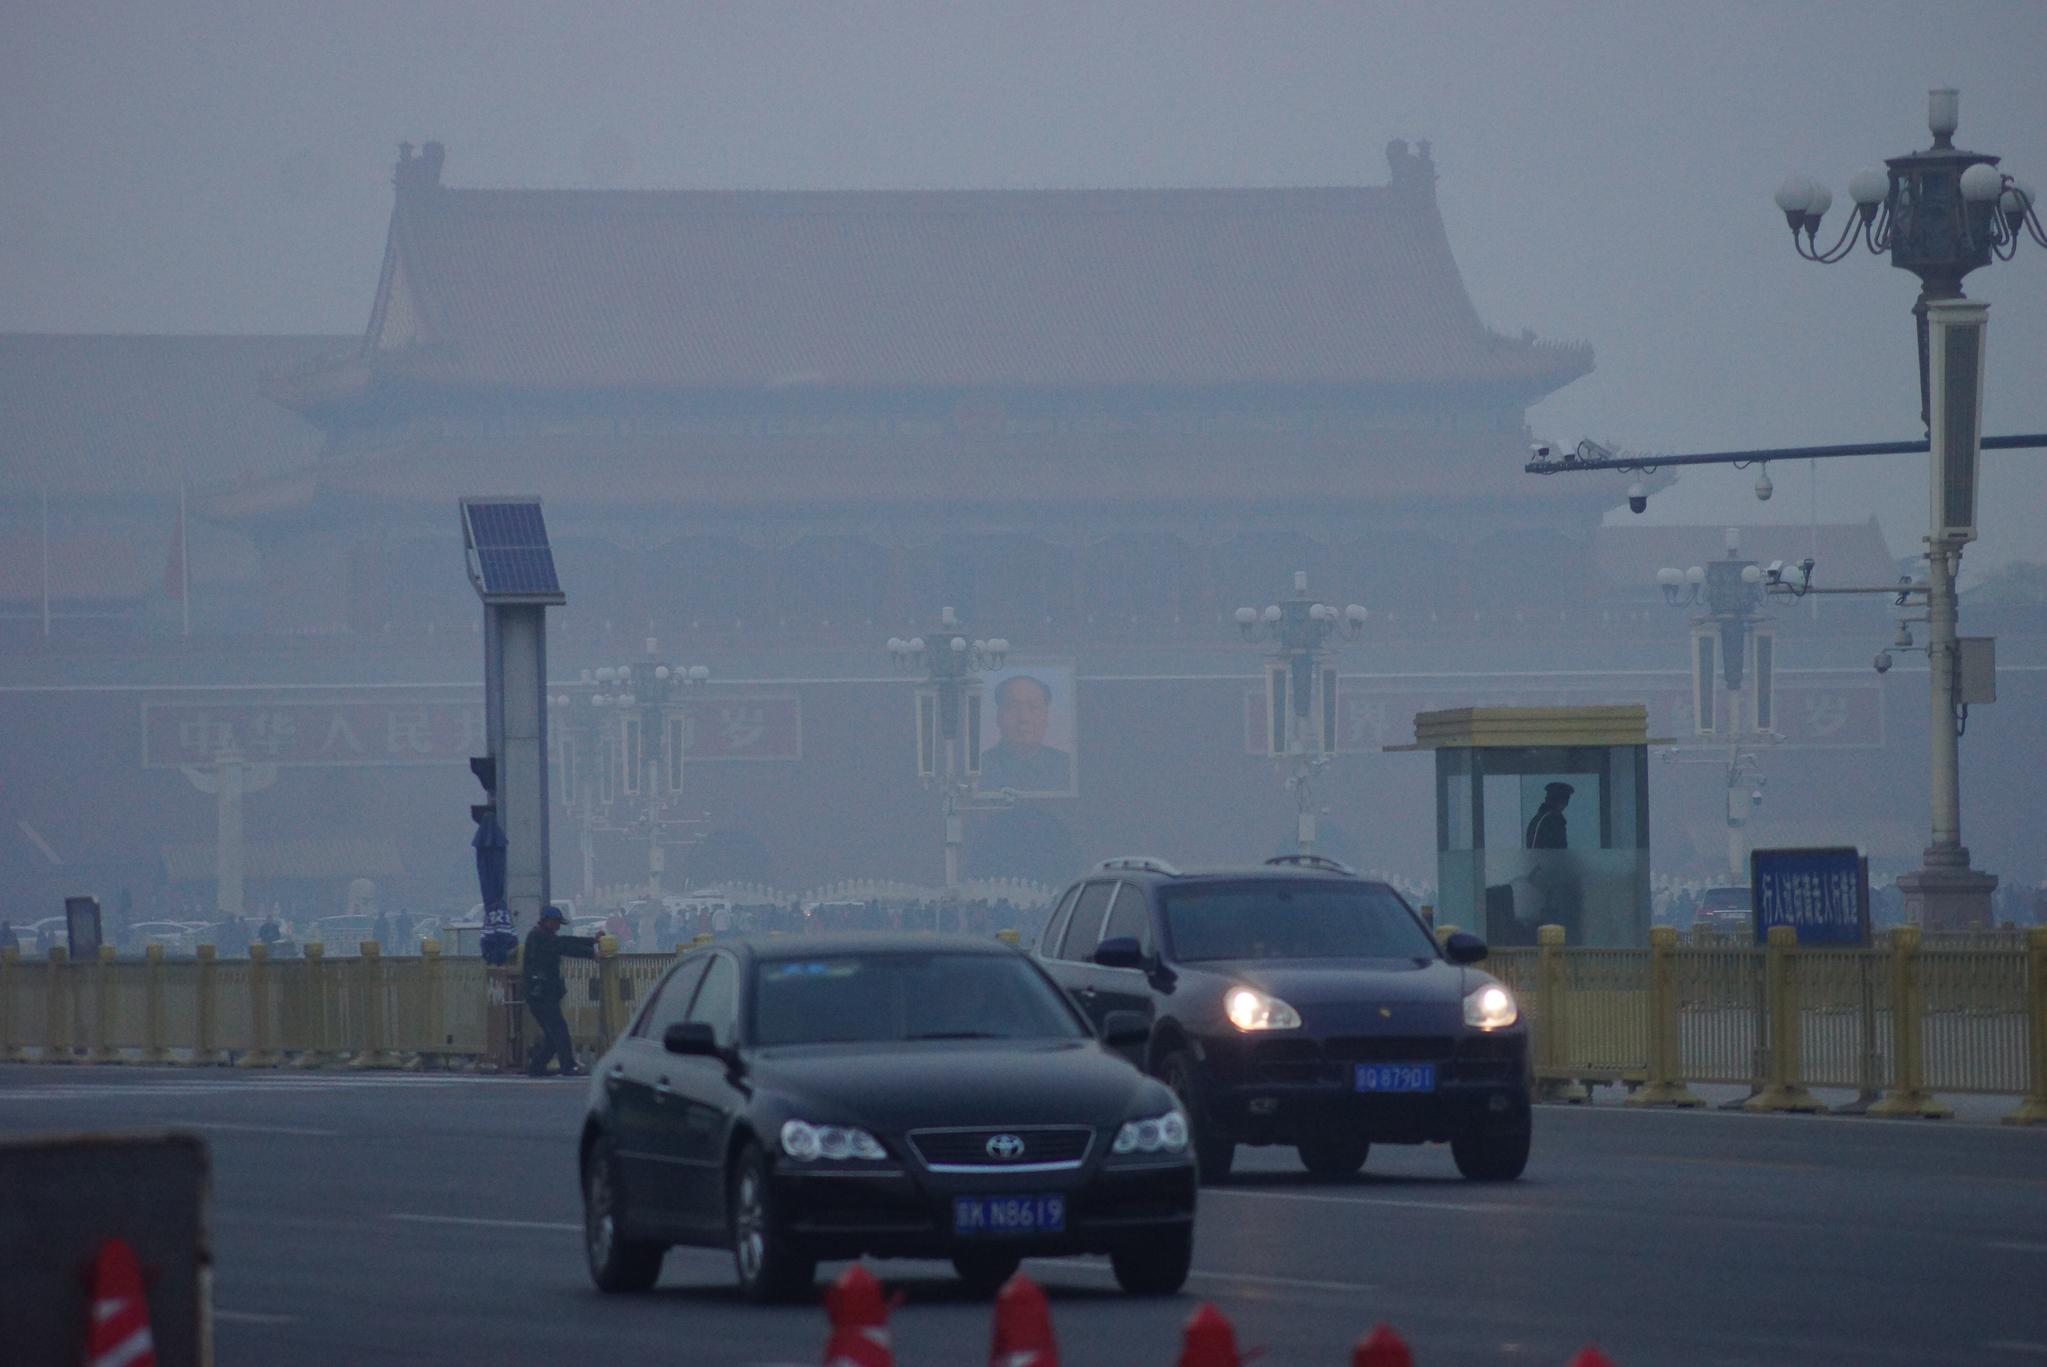 지난해 11월 26일 중국 베이징 천안문 광장. 짙은 스모그로 도로 건너편 천안문이 흐릿하게 보인다. 베이징=강찬수 기자